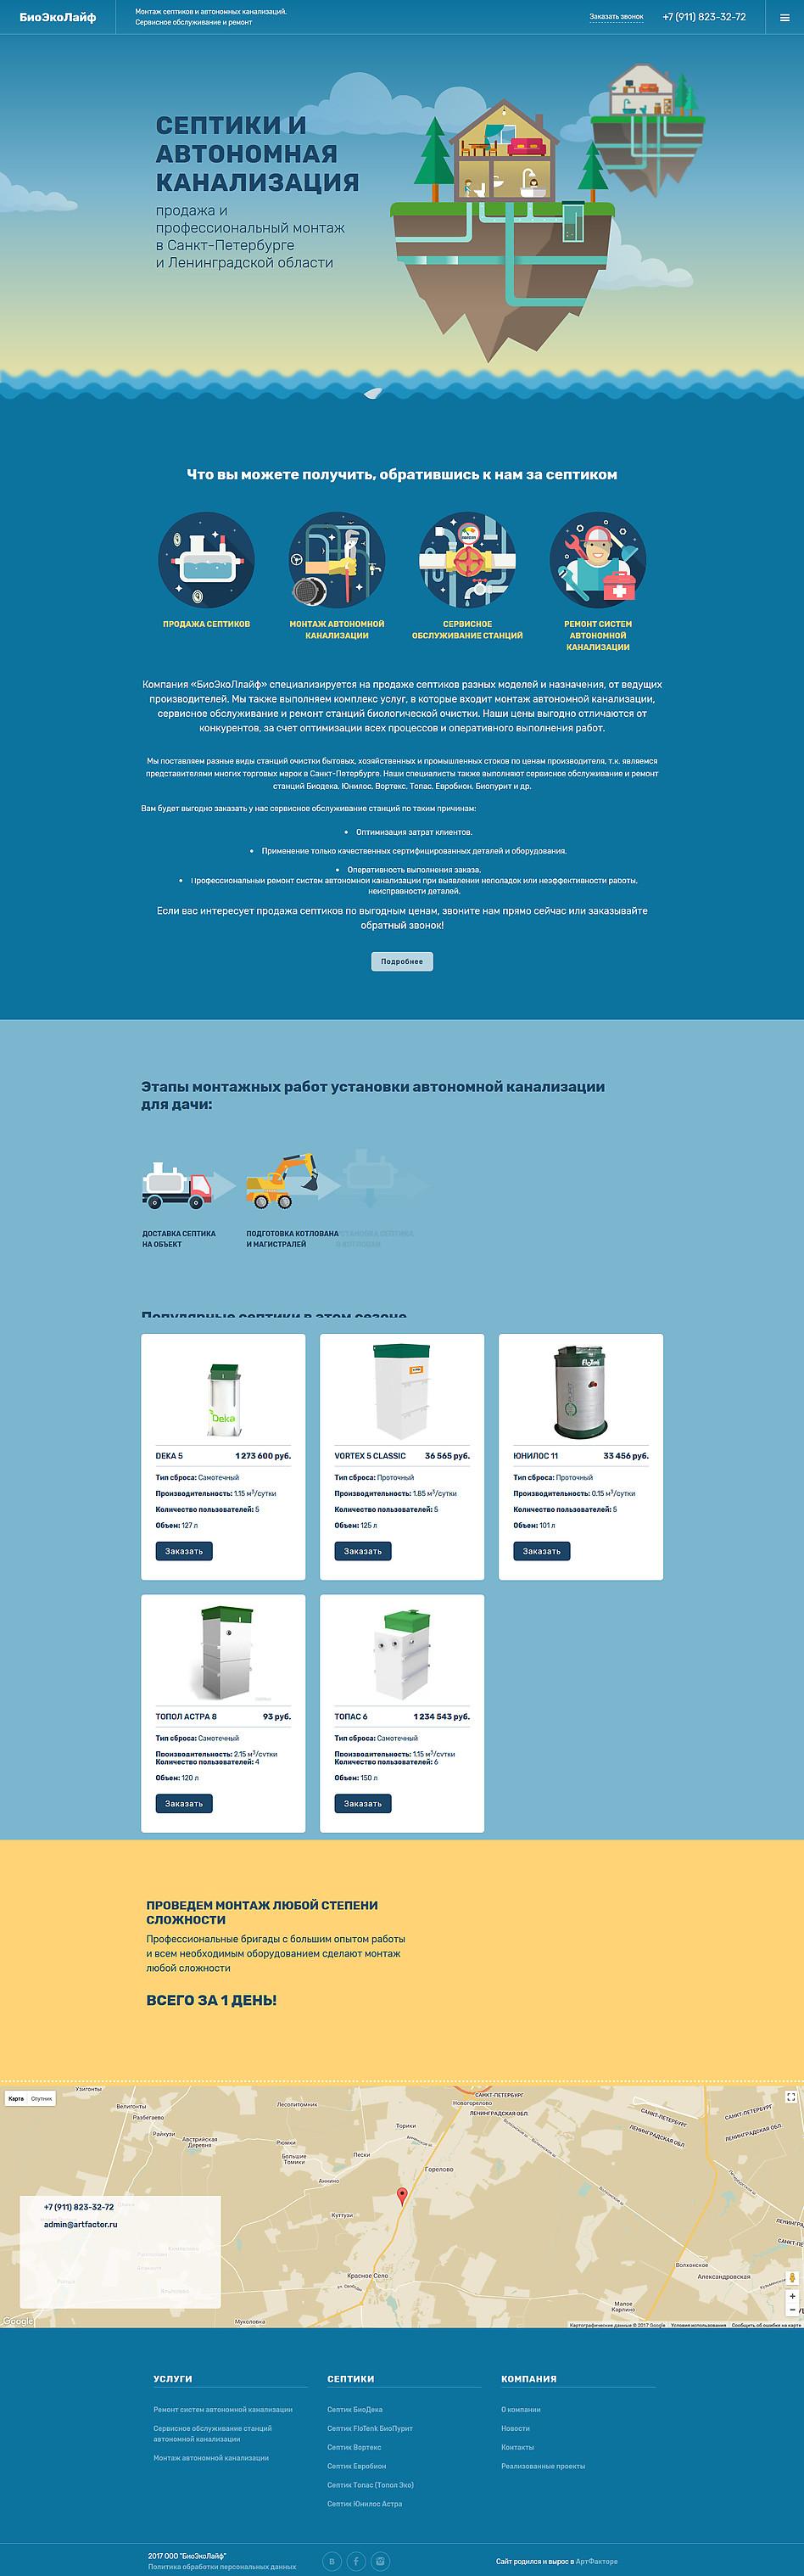 Продвижение сайтов промышленных компаний бесплатное продвижение сайта за счёт рекламы